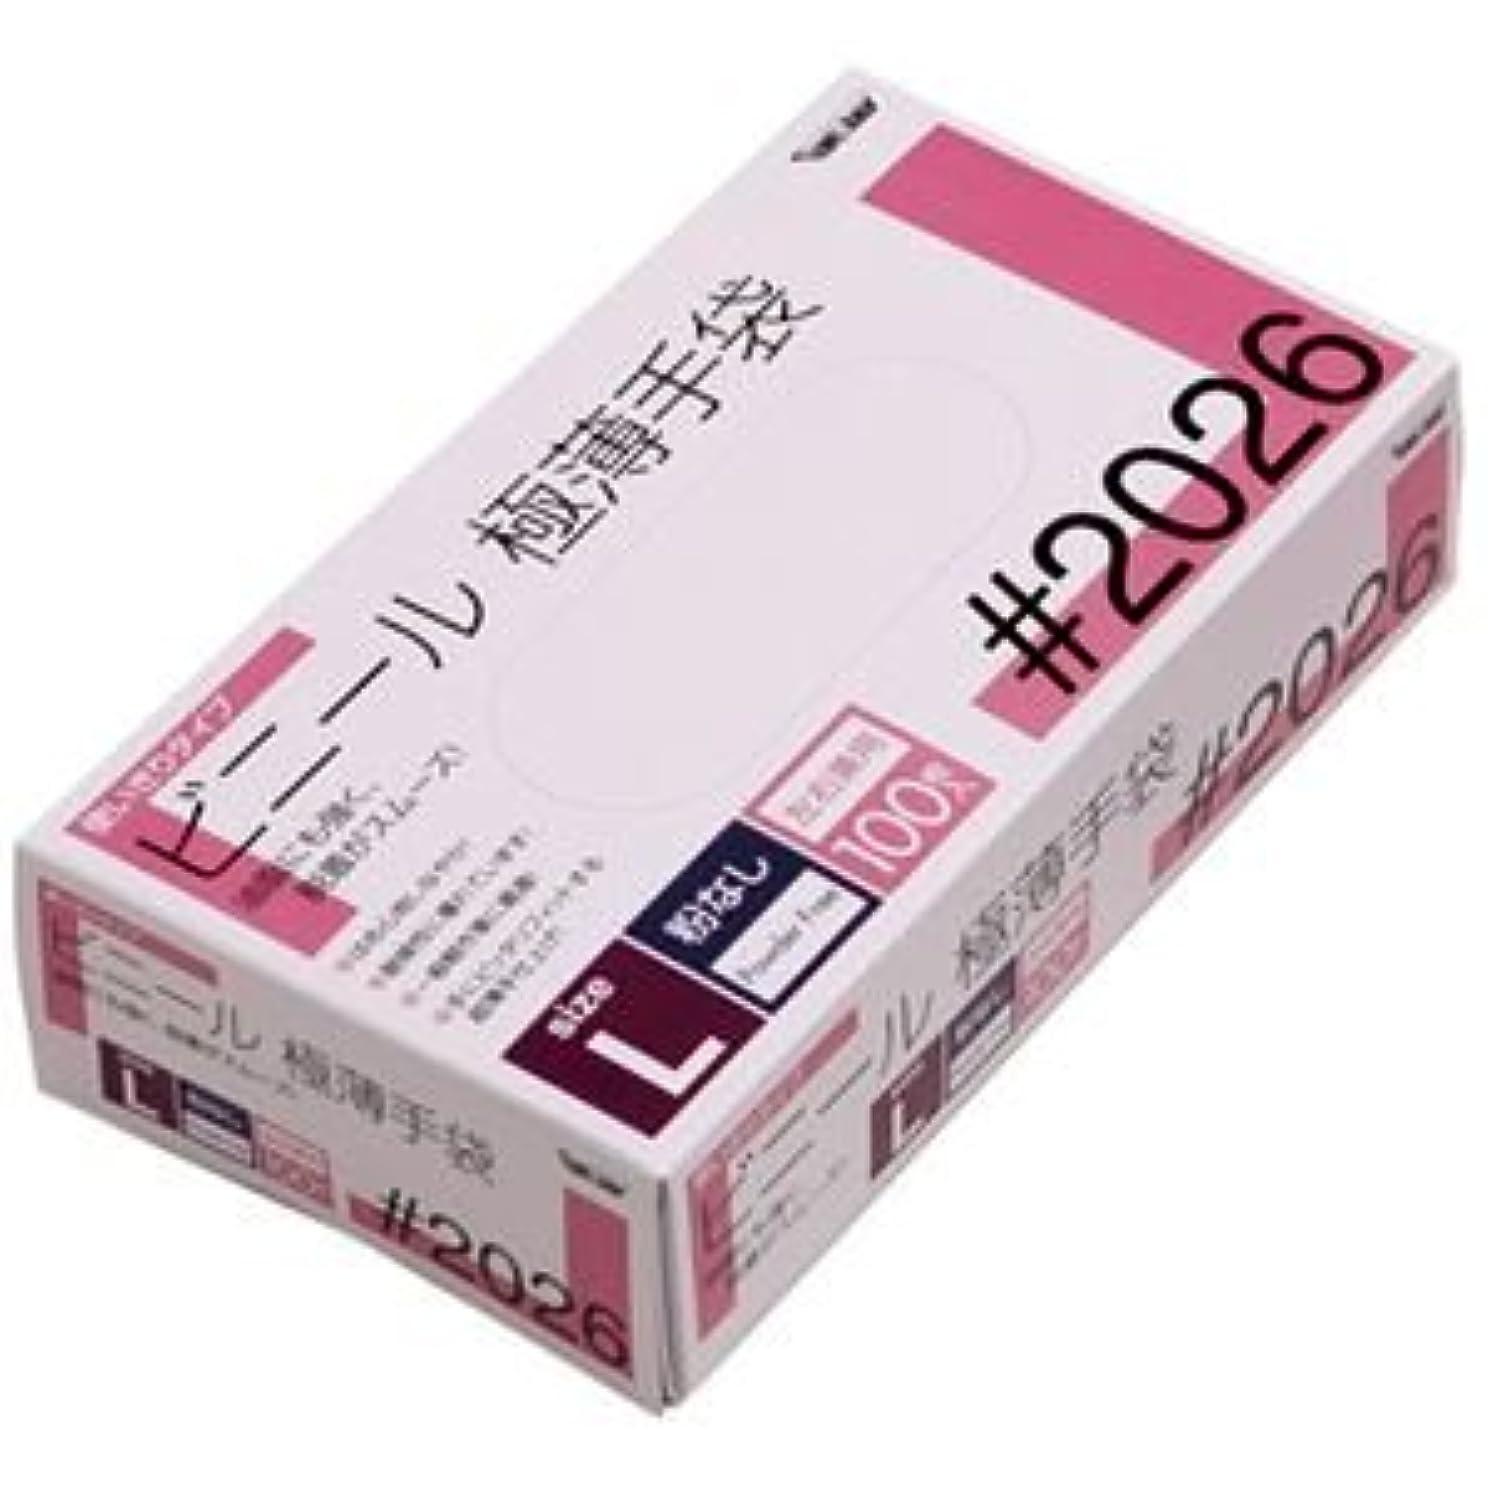 集団あざエスカレート川西工業 ビニール極薄手袋 粉なし L 20箱